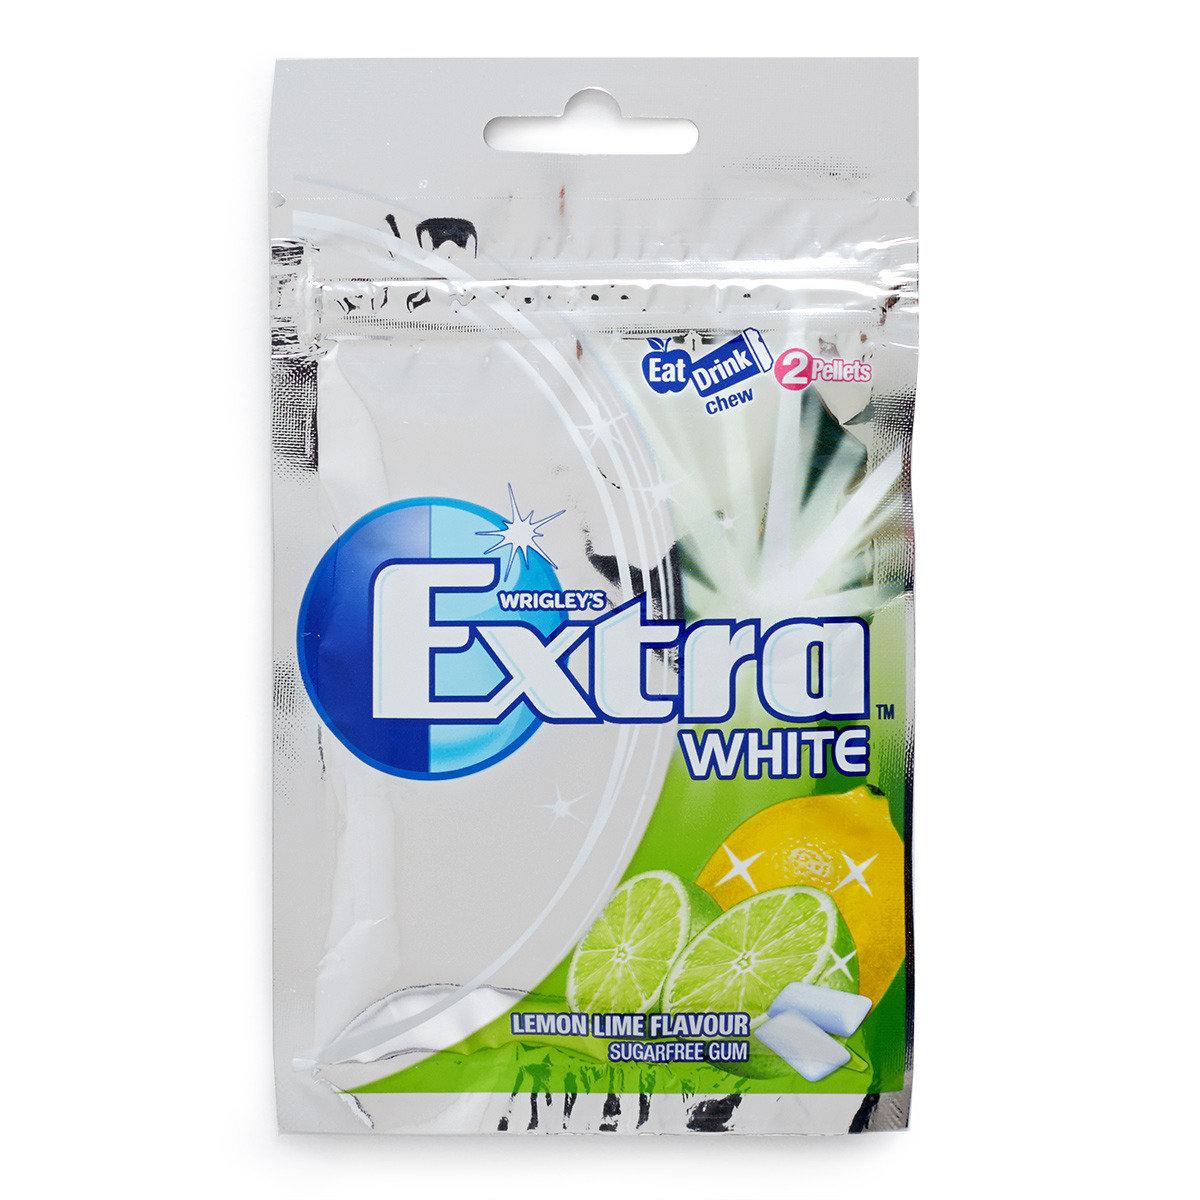 青黃雙檸味White 無糖香口珠袋裝